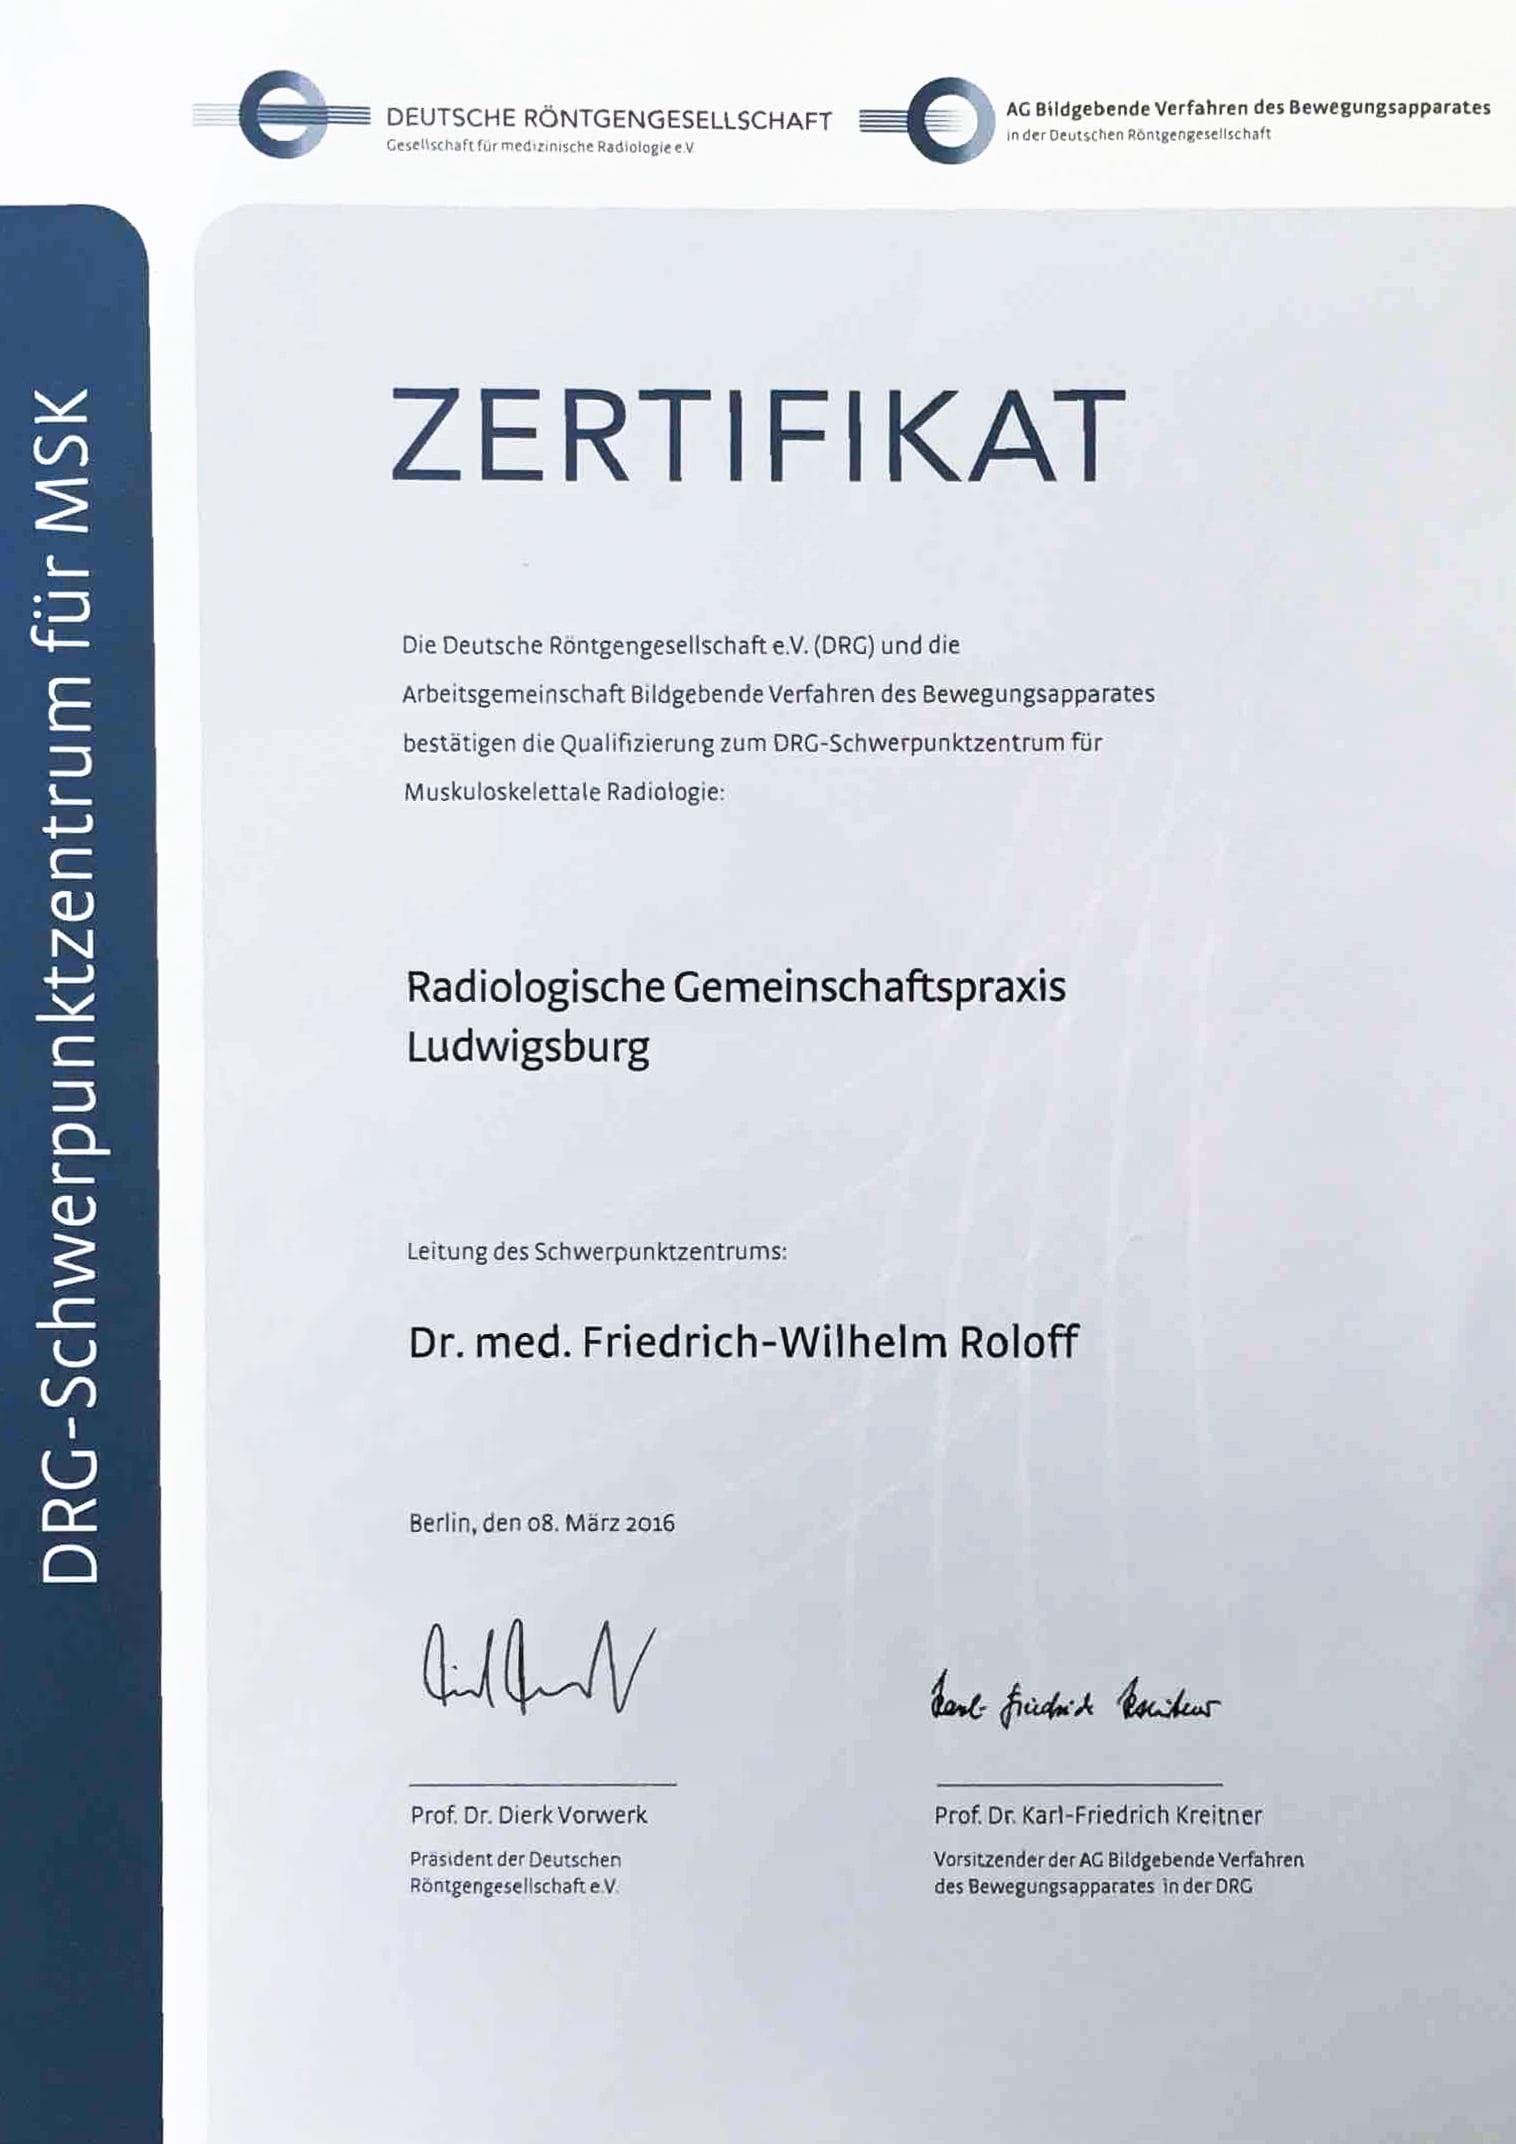 Zertifizierung als Schwerpunktzentrum für Muskuloskelettale ...